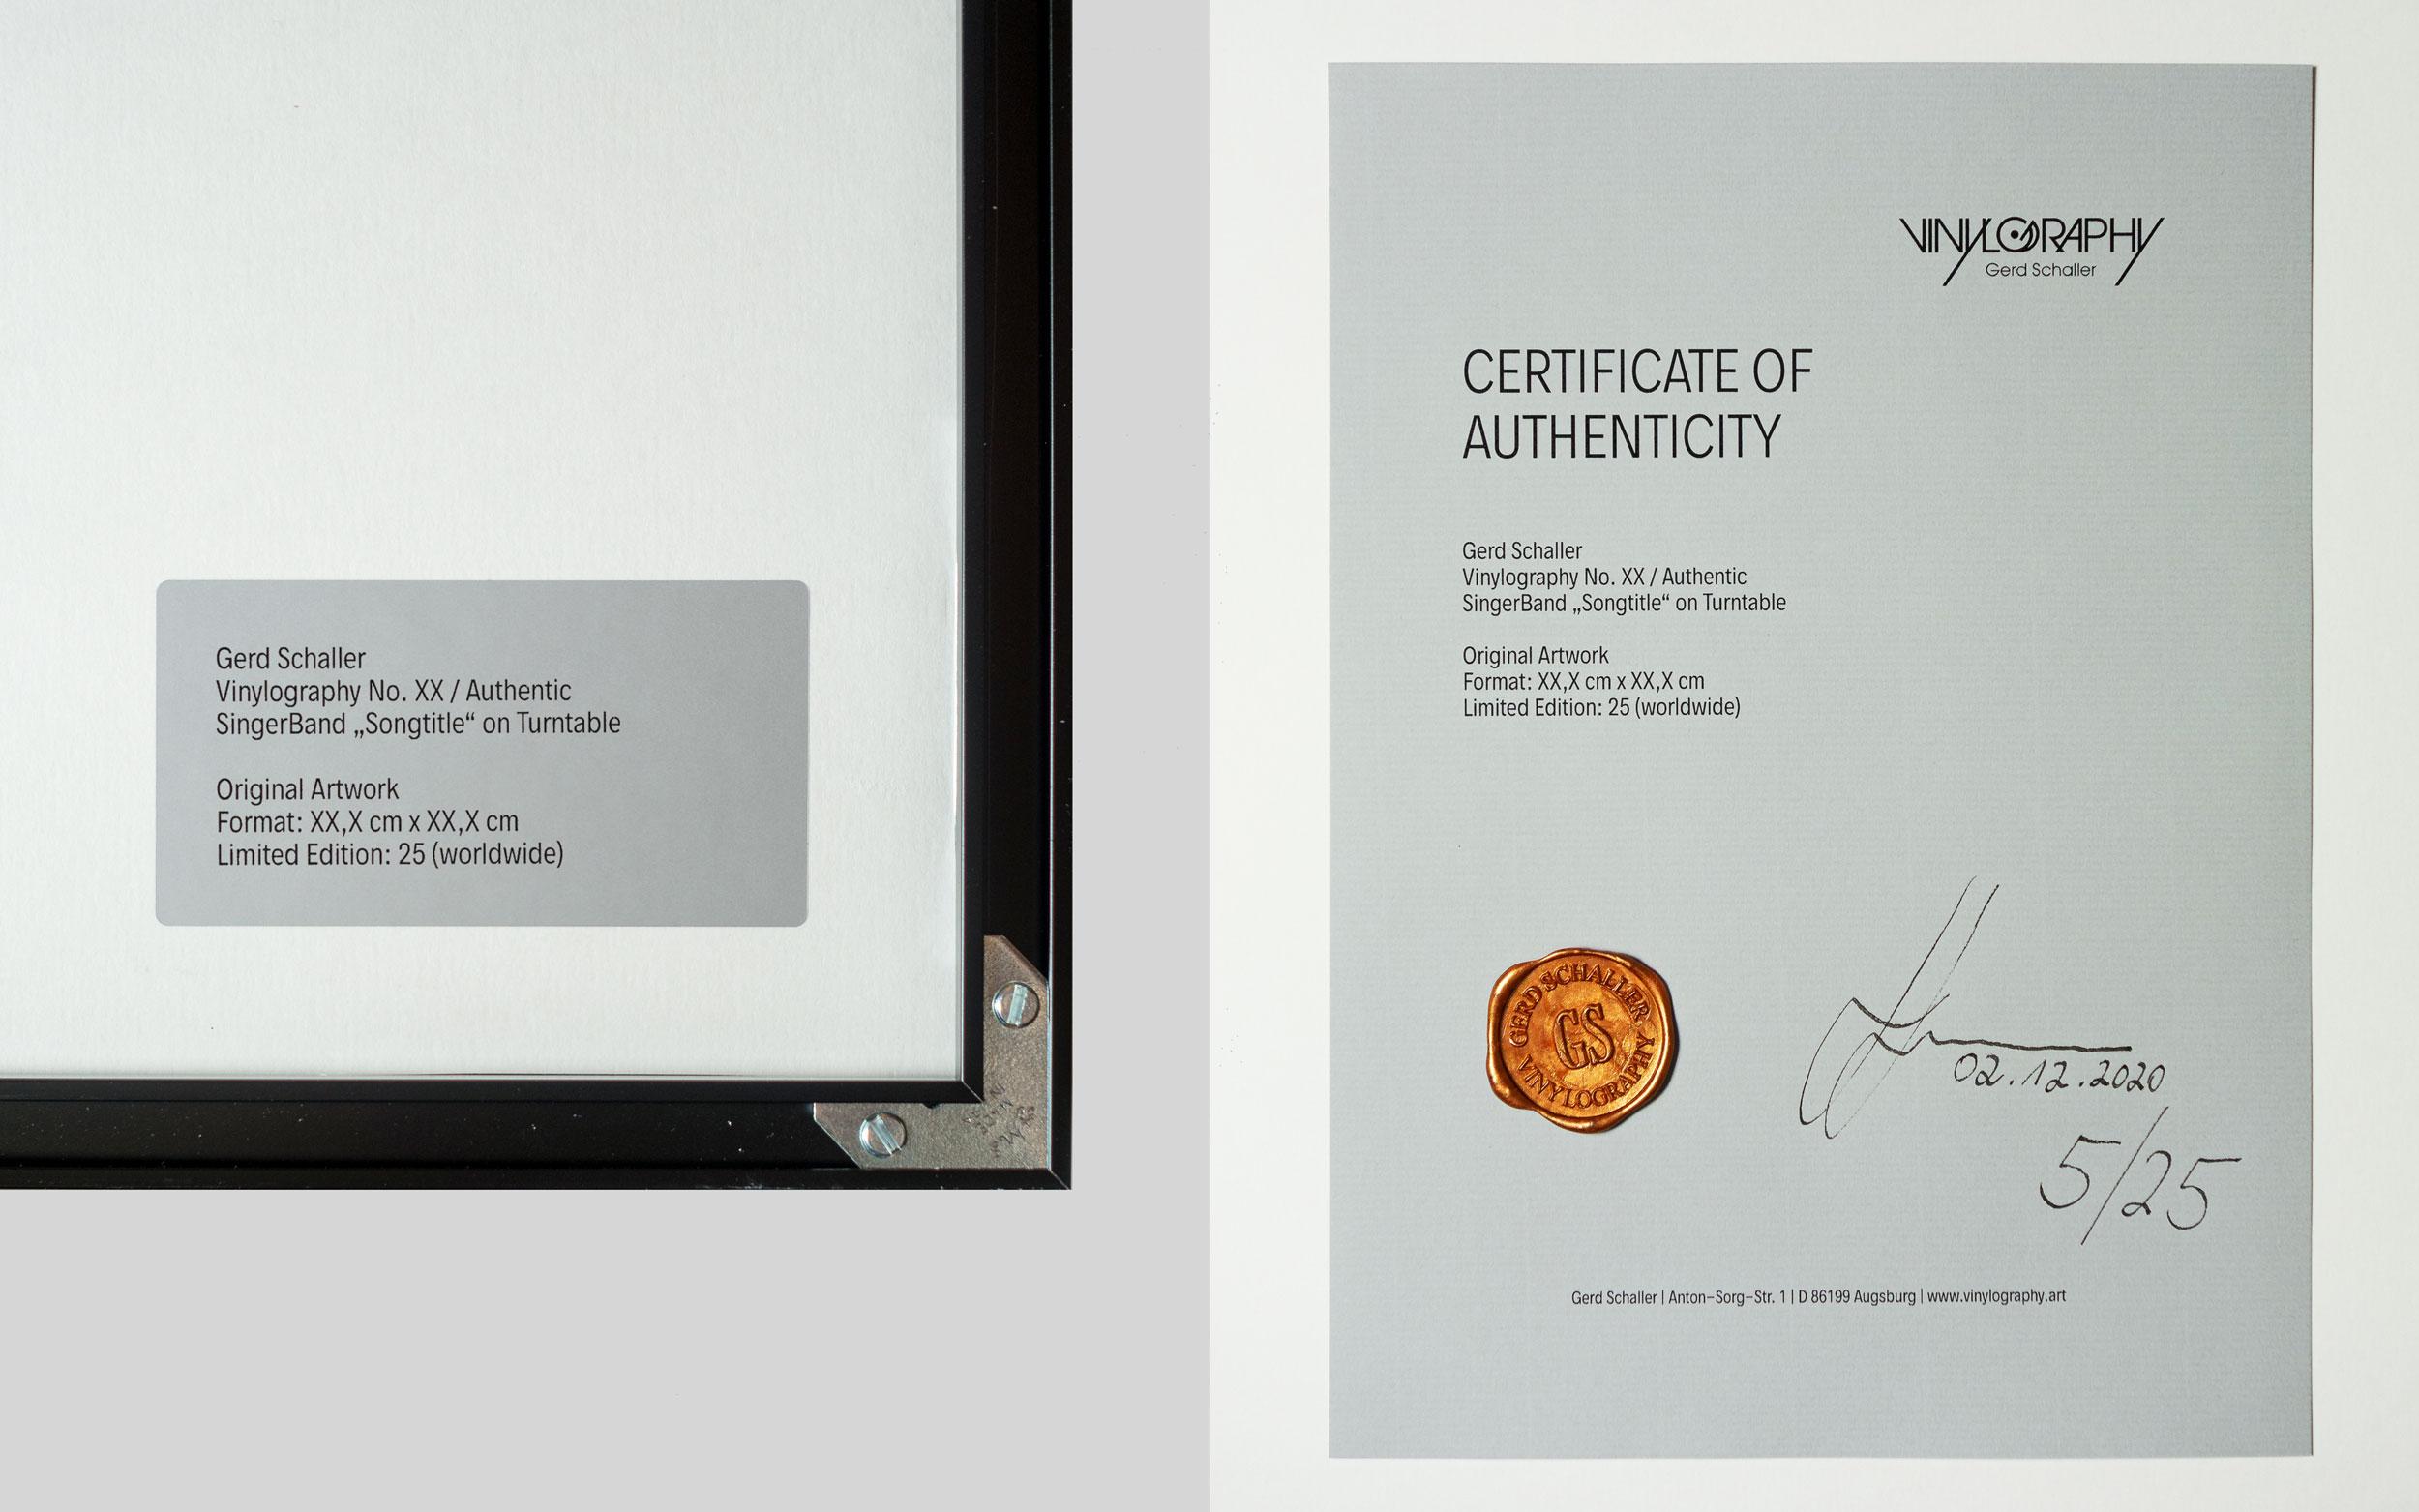 Vinylography Echtheitszertifikat mit Siegel (Muster)